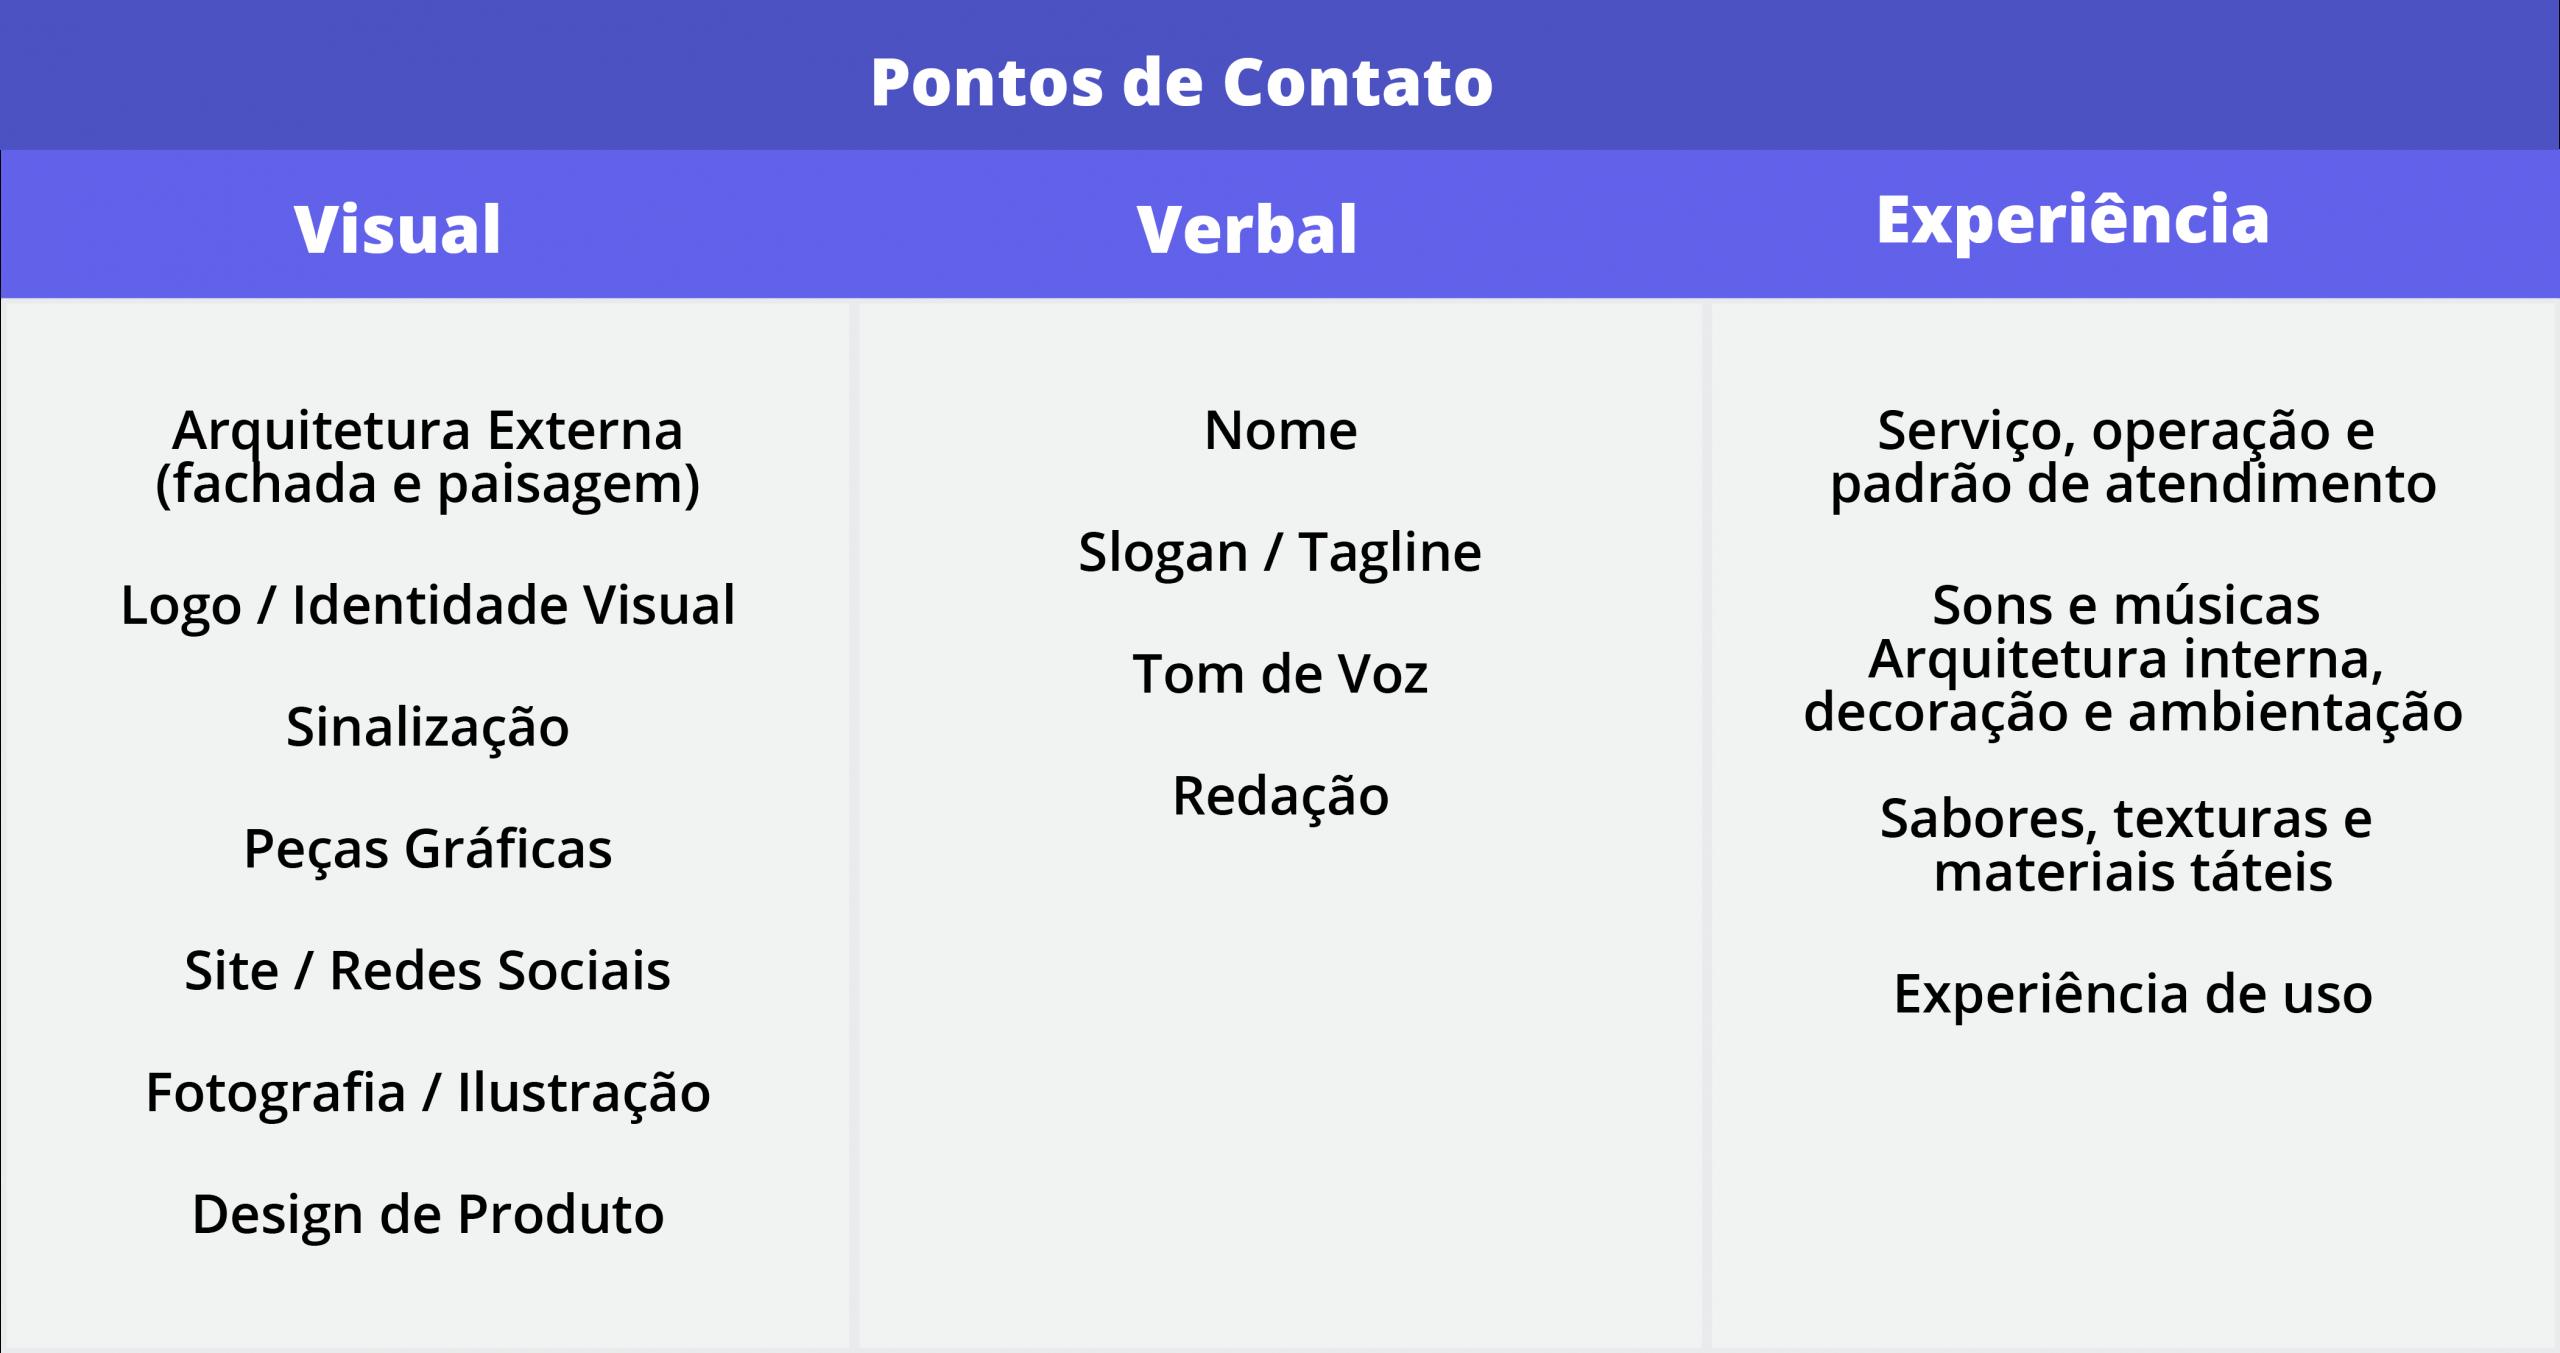 pontos de contato da marca com o consumidor. Visual, Verbal e Experiência